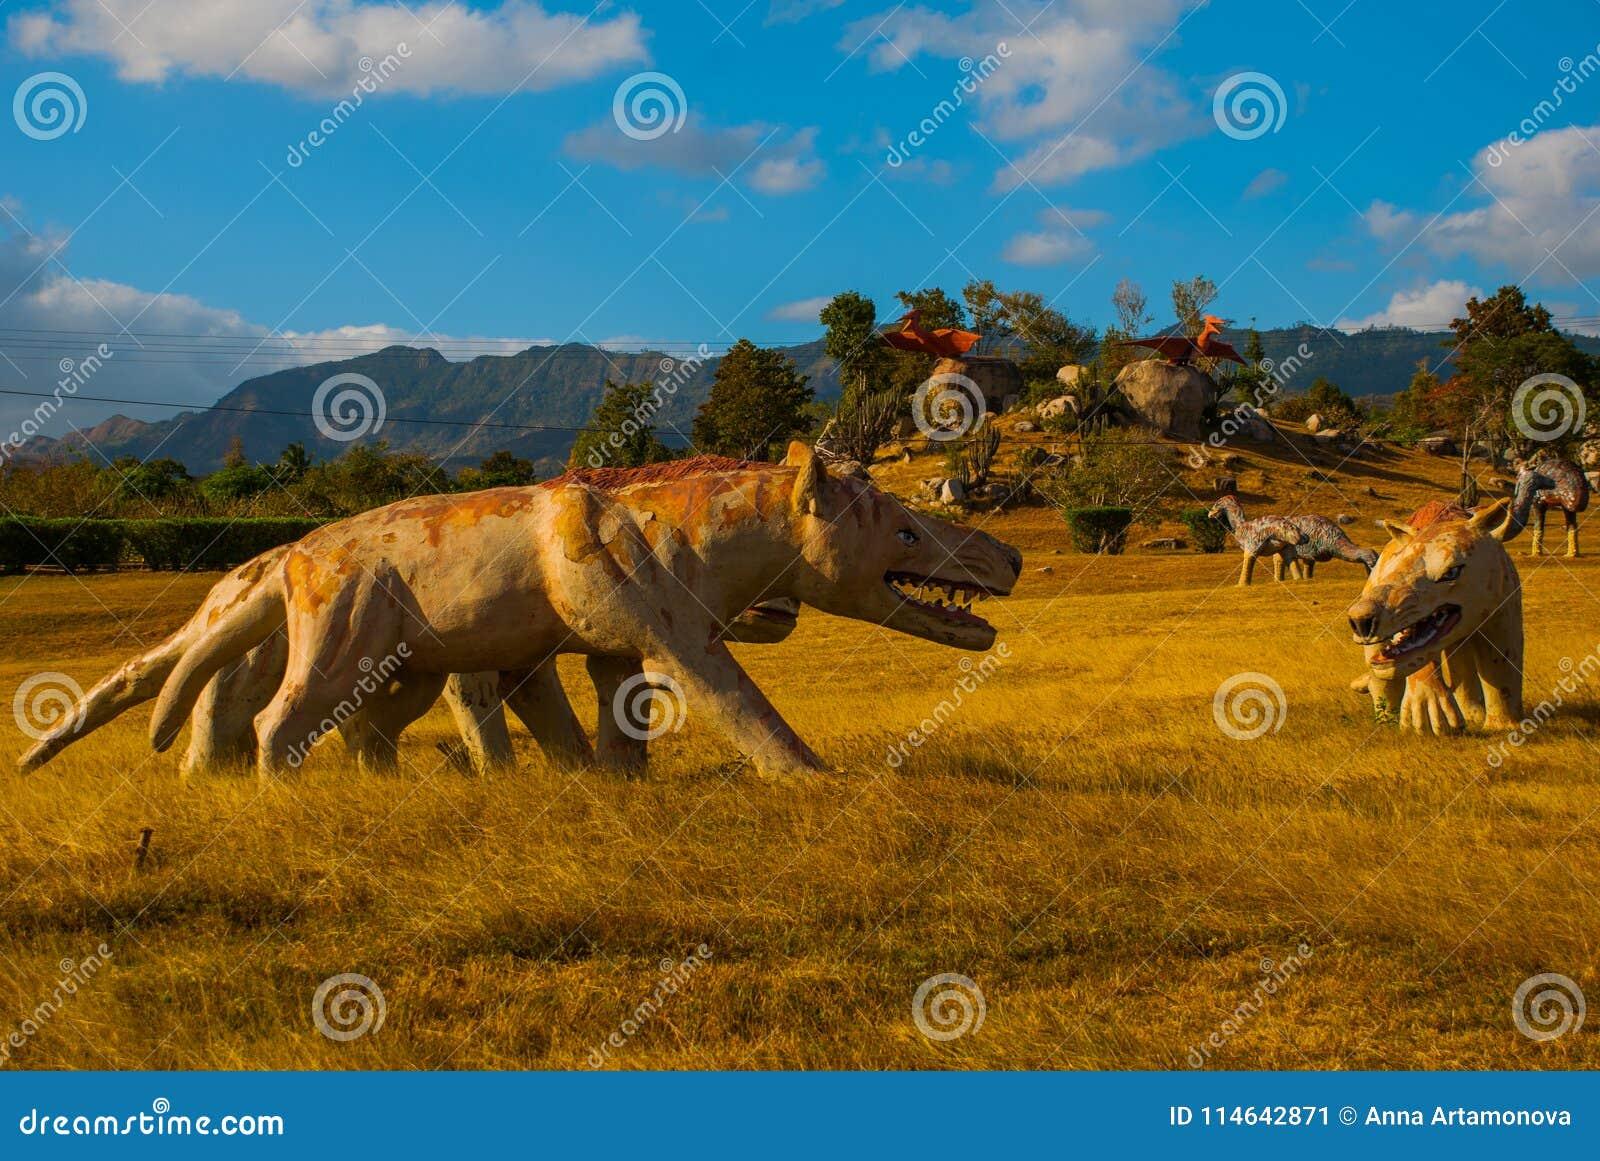 Estátua de um lobo antigo no campo Modelos animais pré-históricos, esculturas no vale do parque nacional em Baconao, Cuba